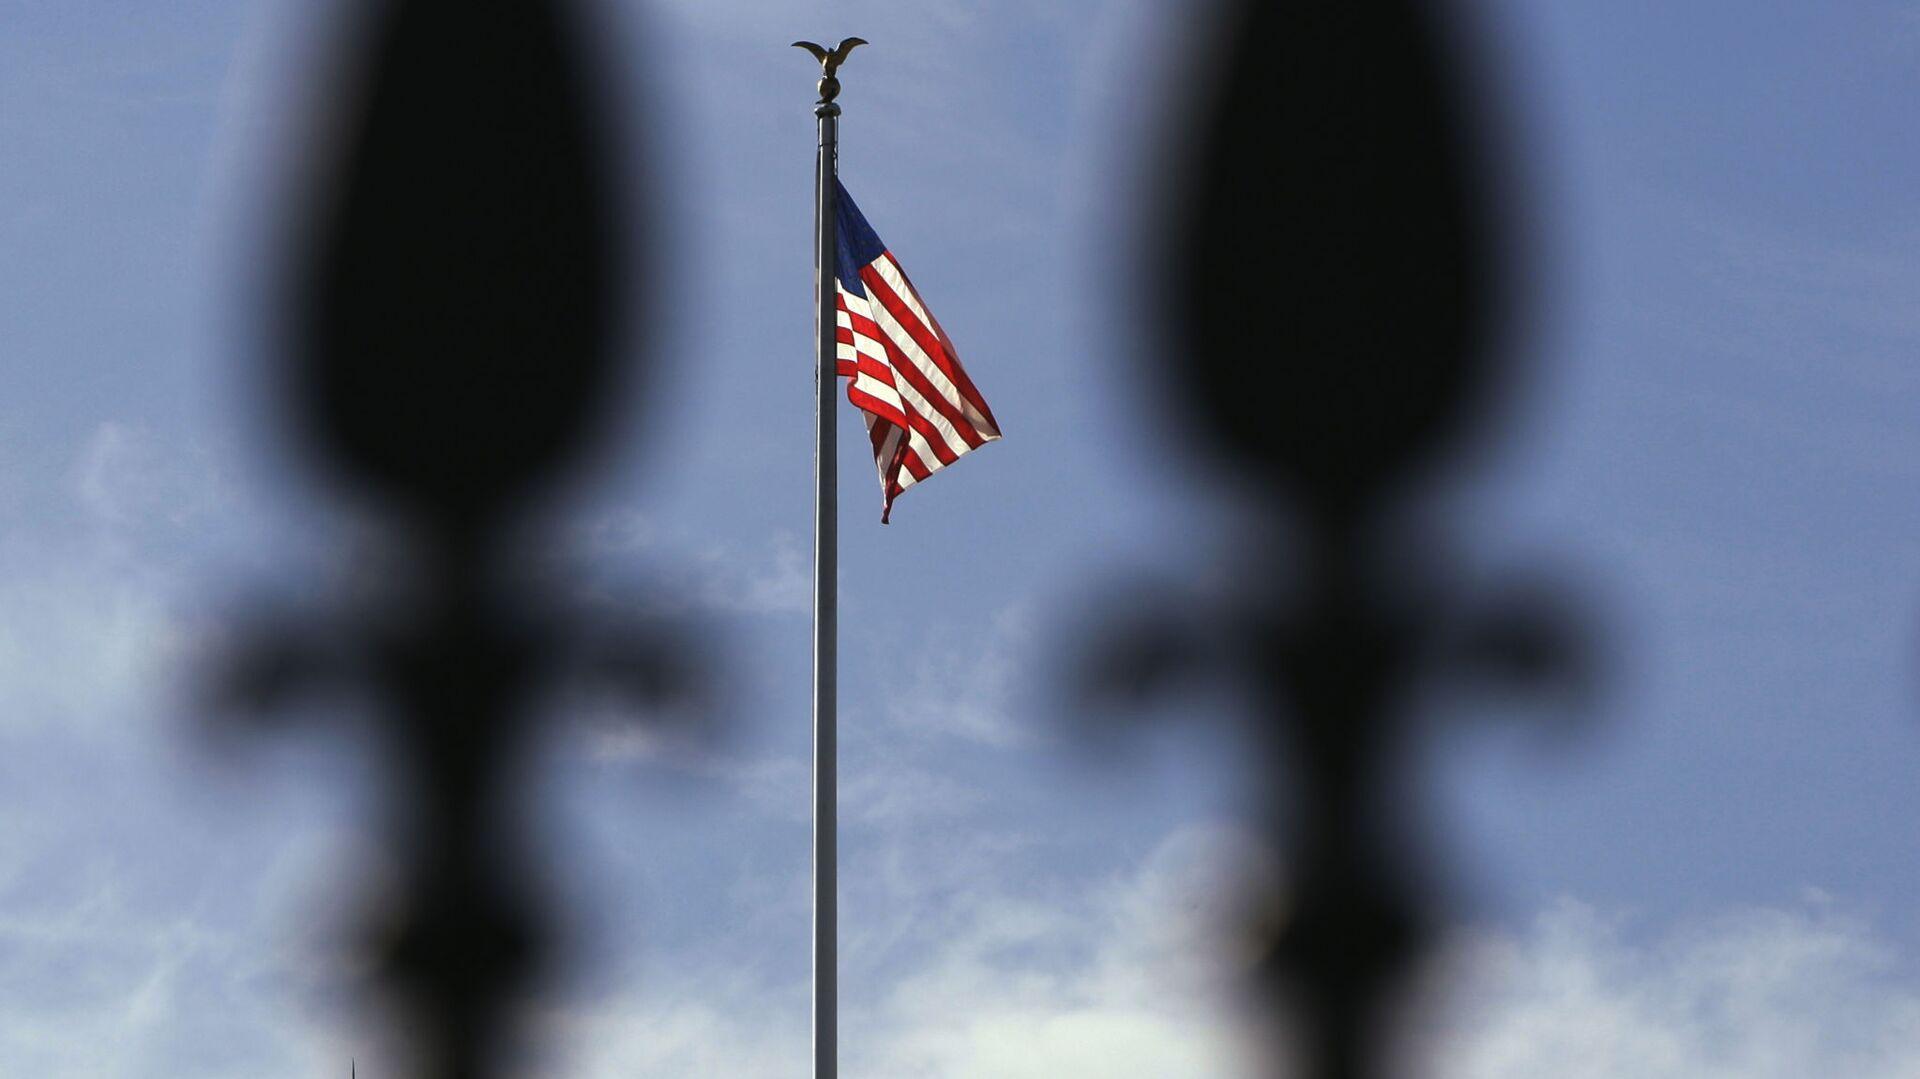 Вашингтон. Флаг США над Белым домом - Sputnik Ўзбекистон, 1920, 16.09.2021